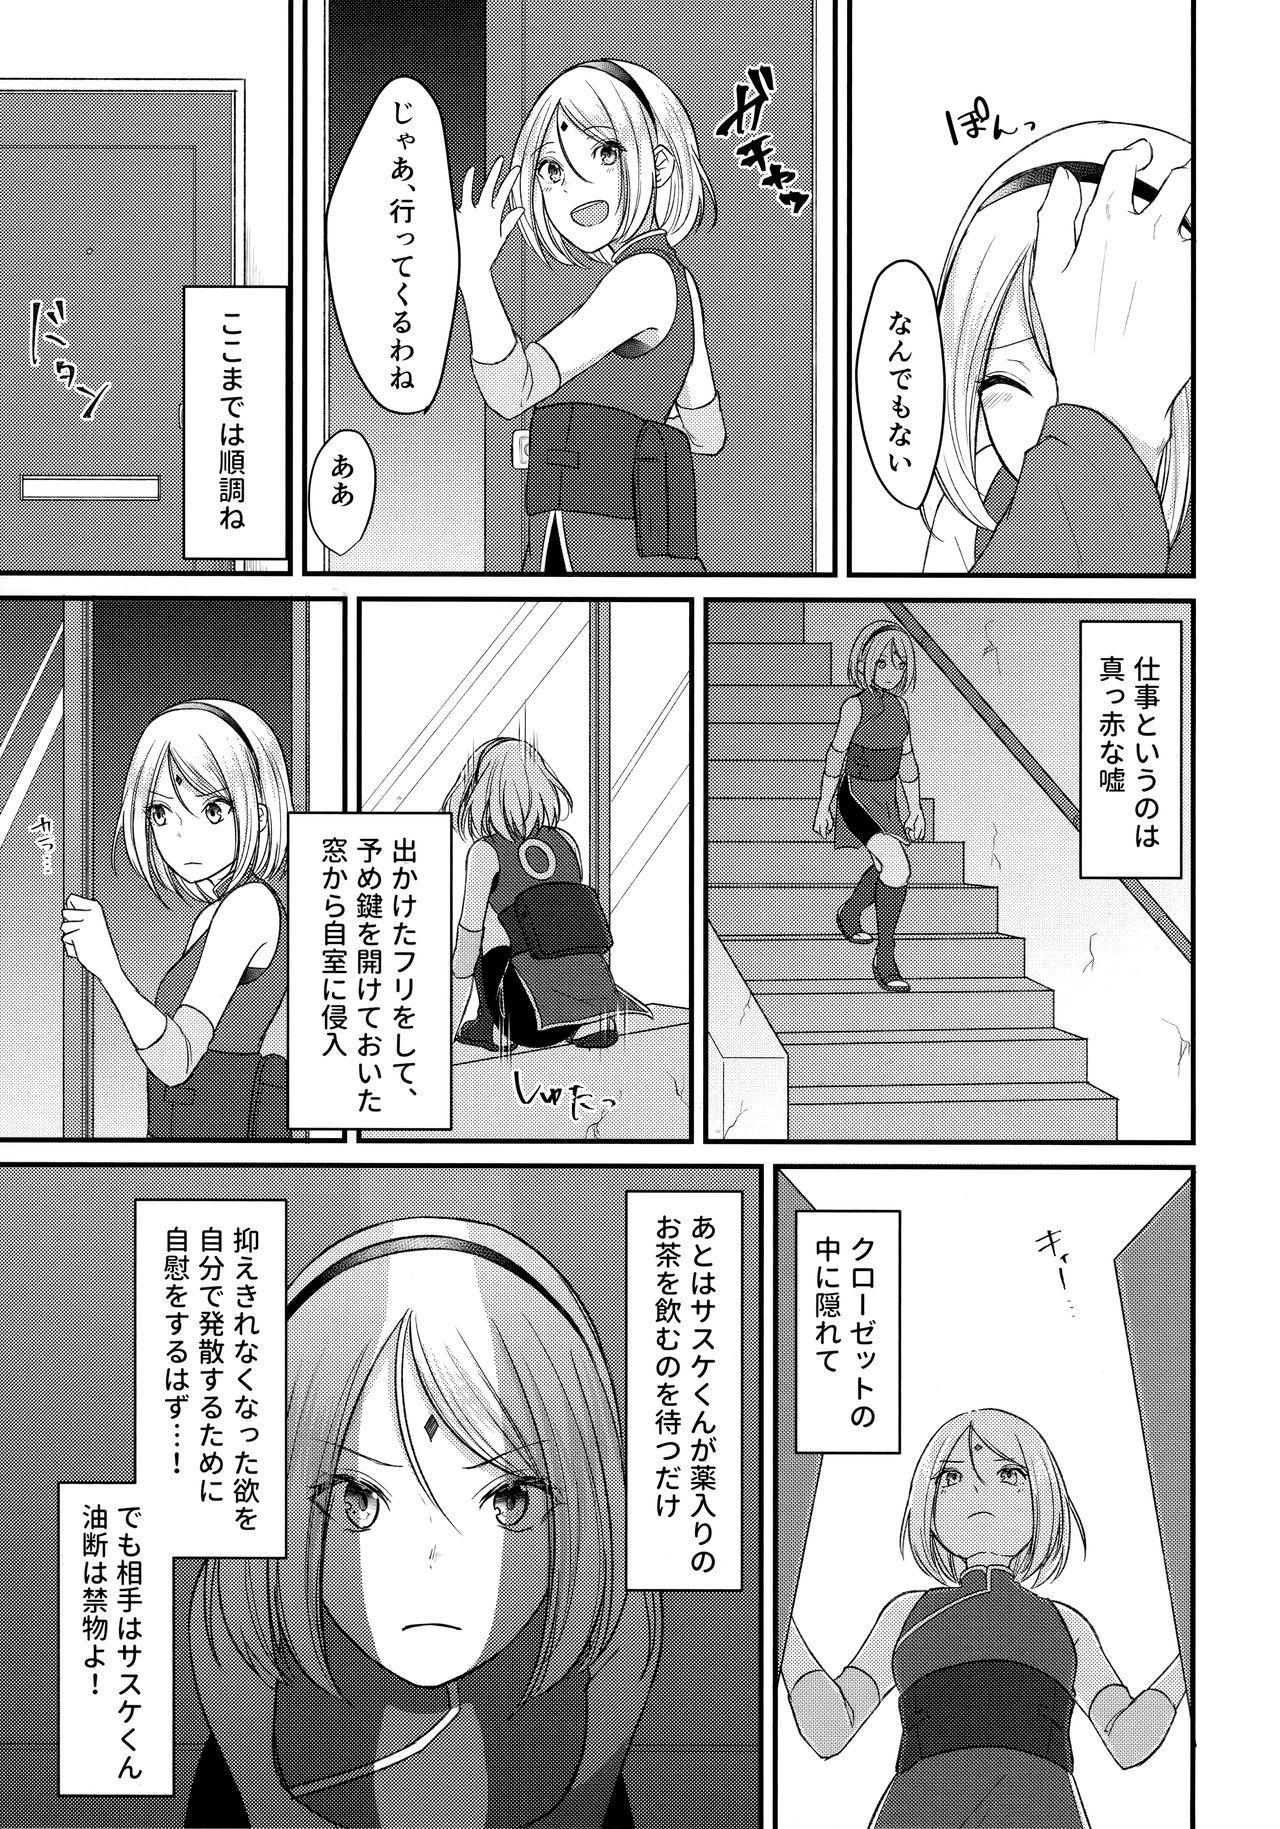 Koukishin wa Neko o Korosu 7